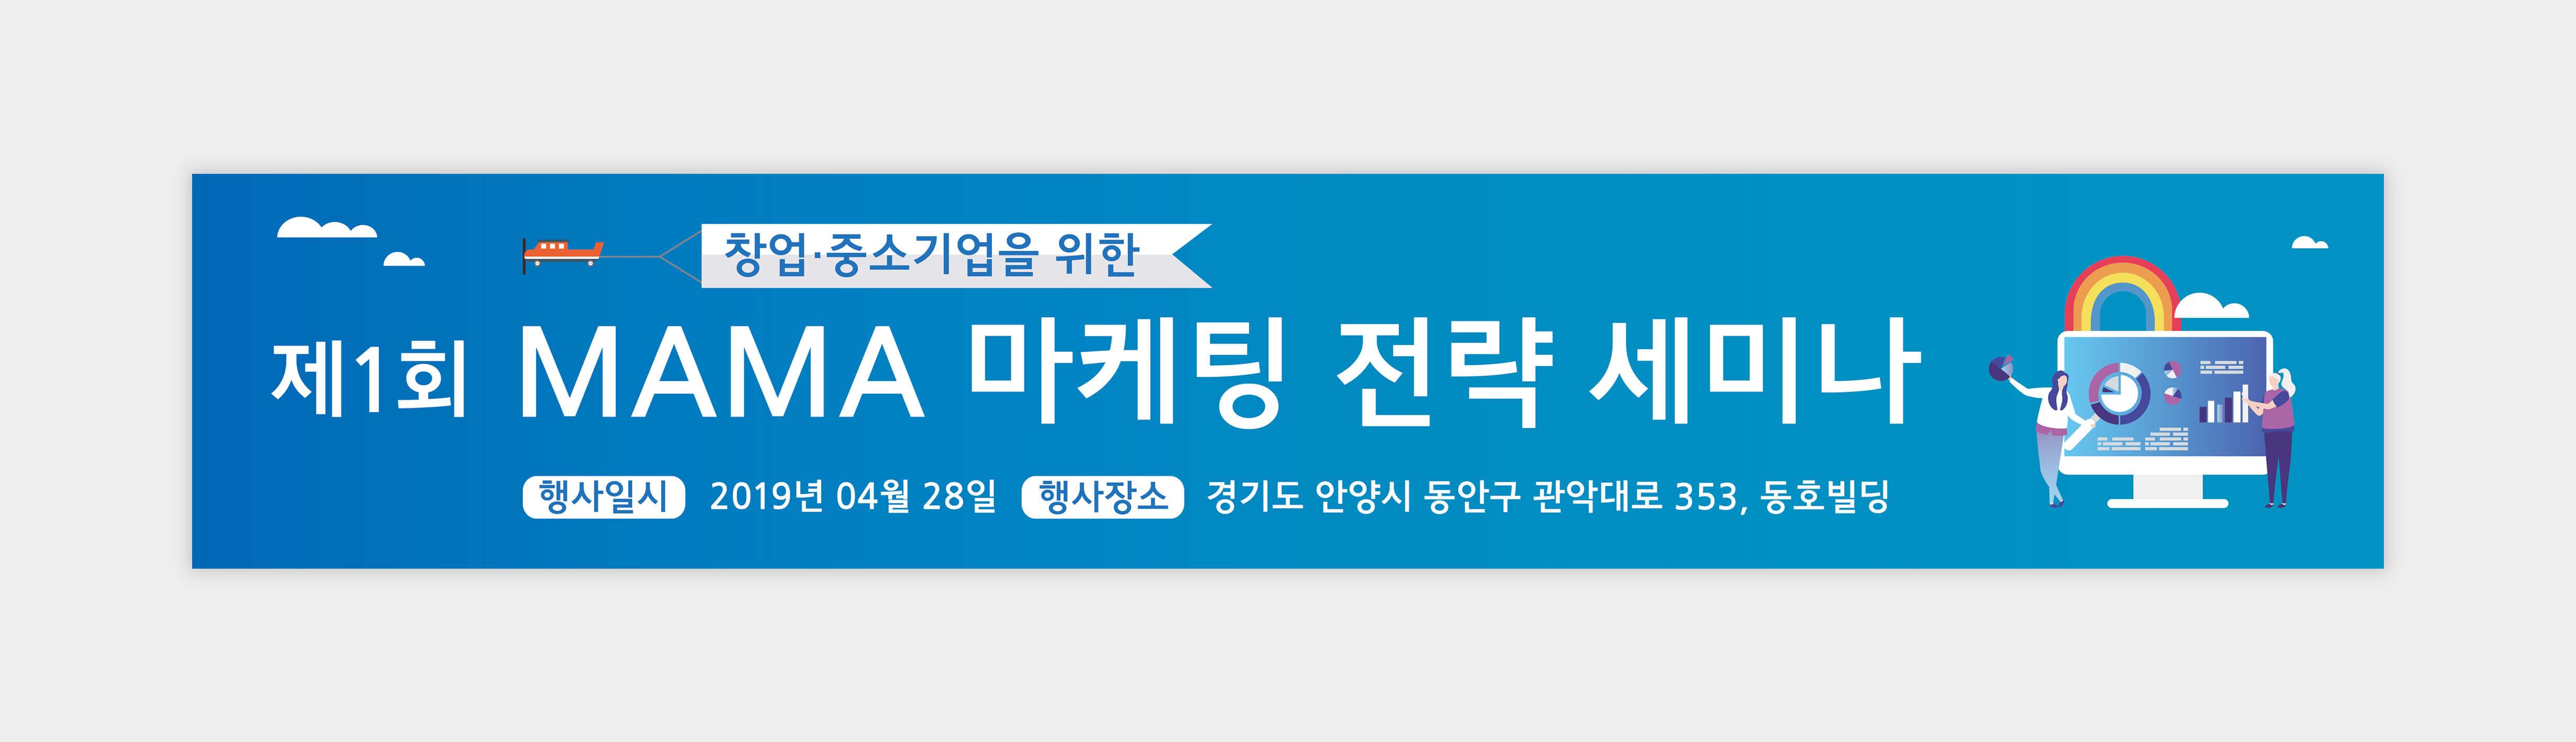 현수막_027